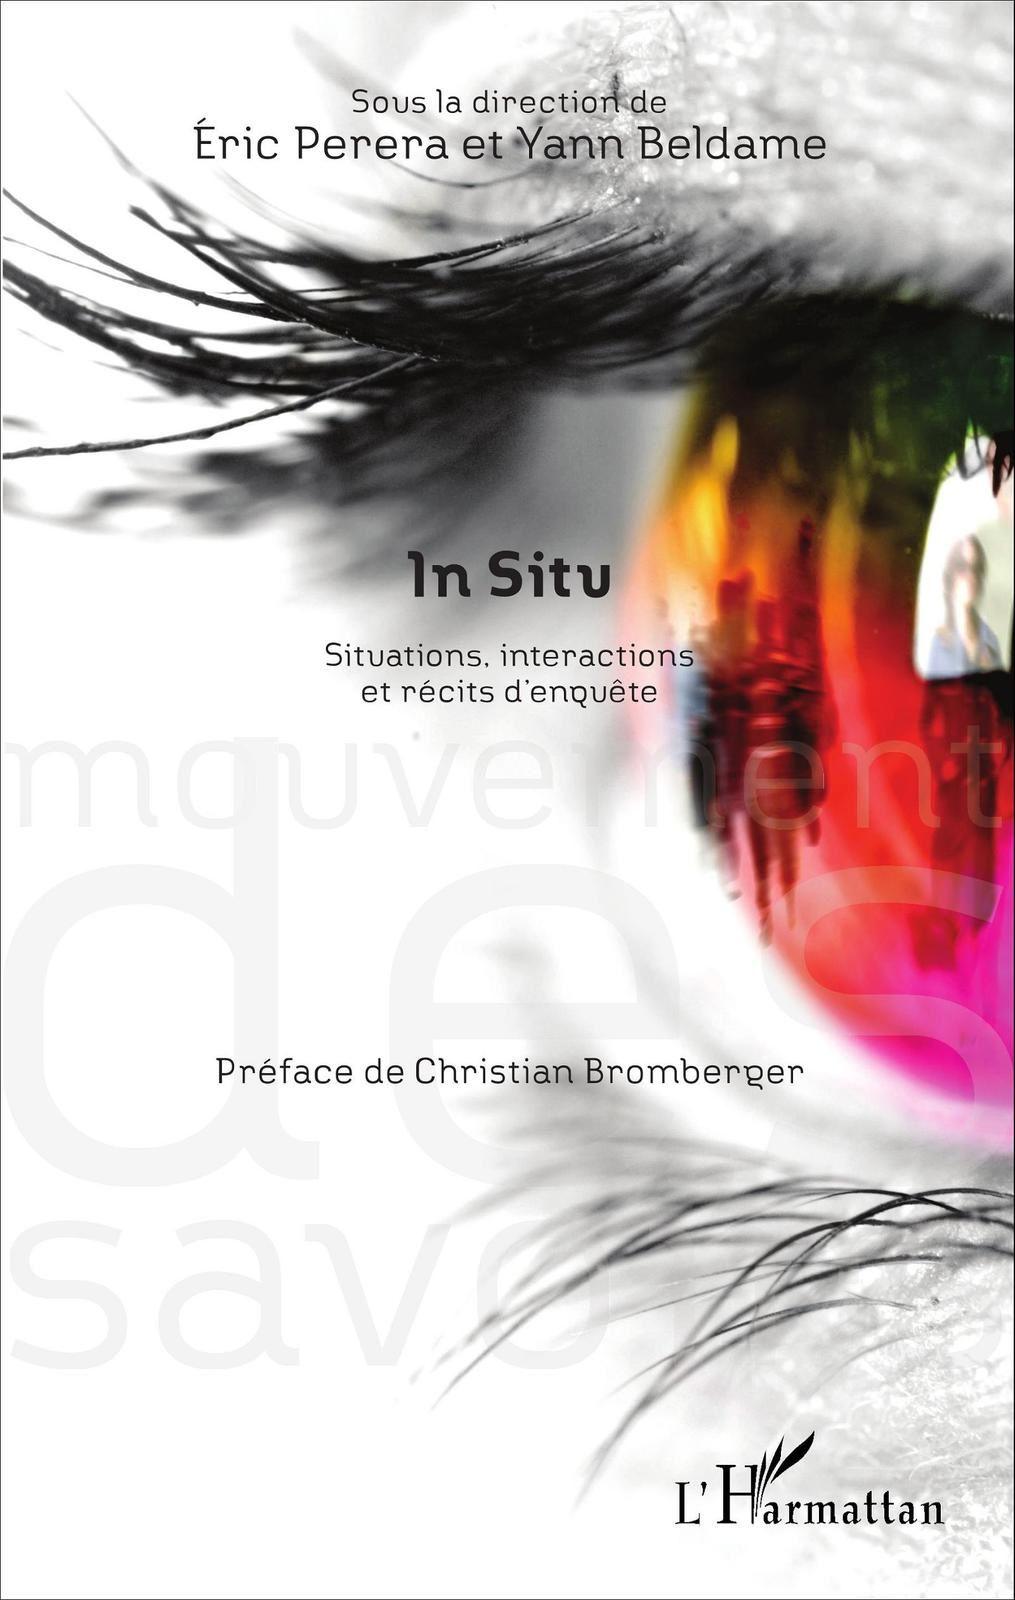 IN SITU - Situations, interactions et récits d'enquête